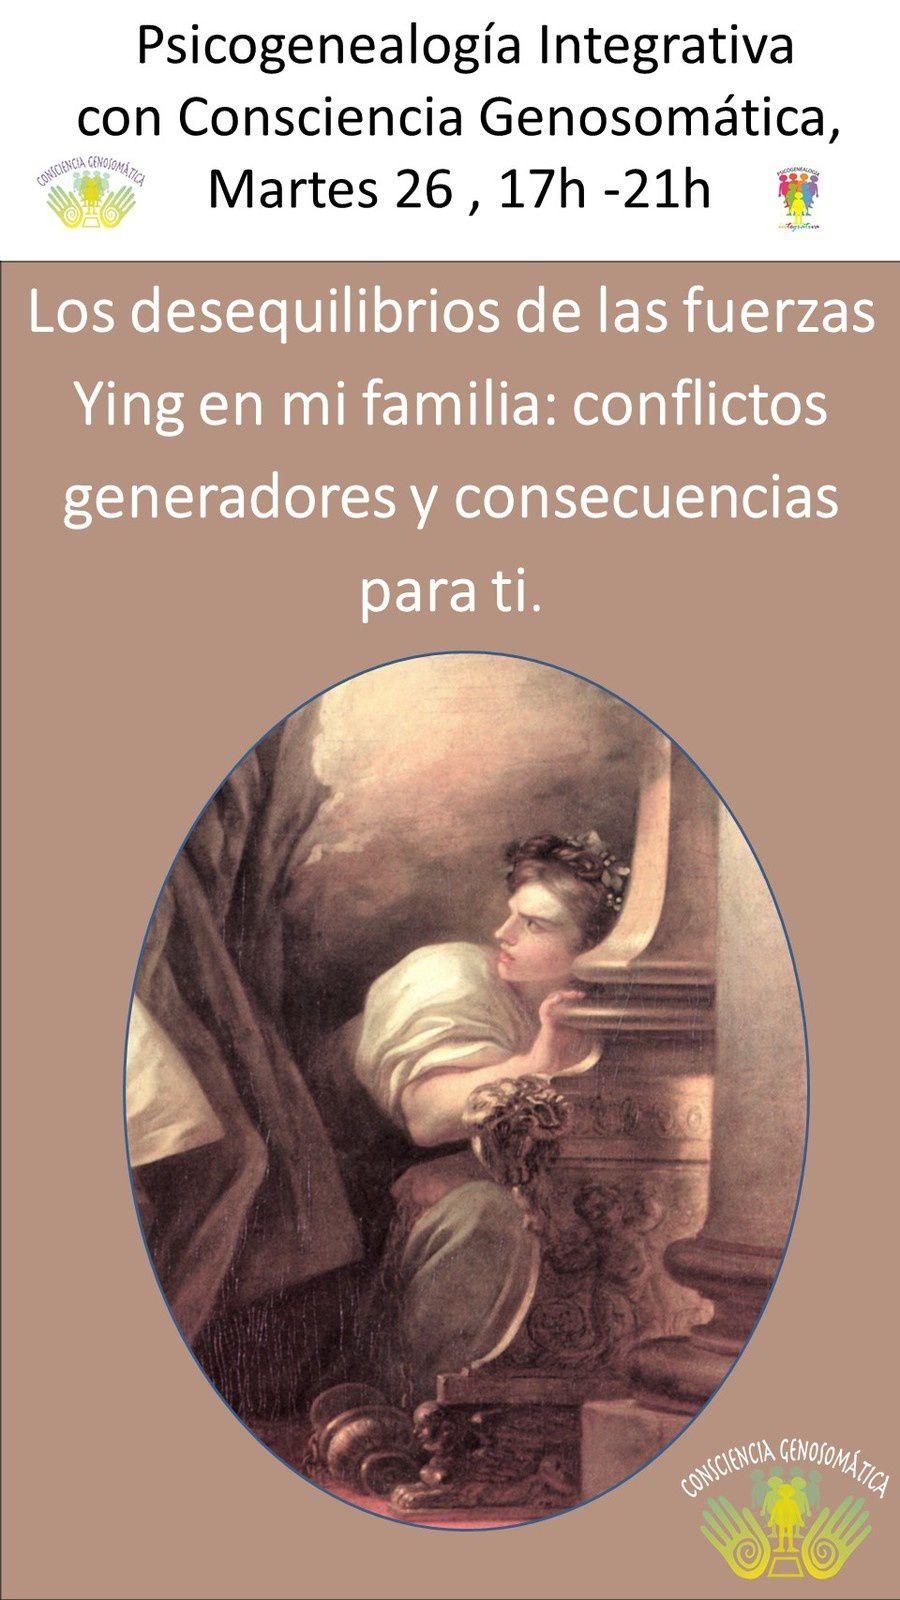 Los extremos del Ying, un enfoque de Psicogenealogia Integrativa.